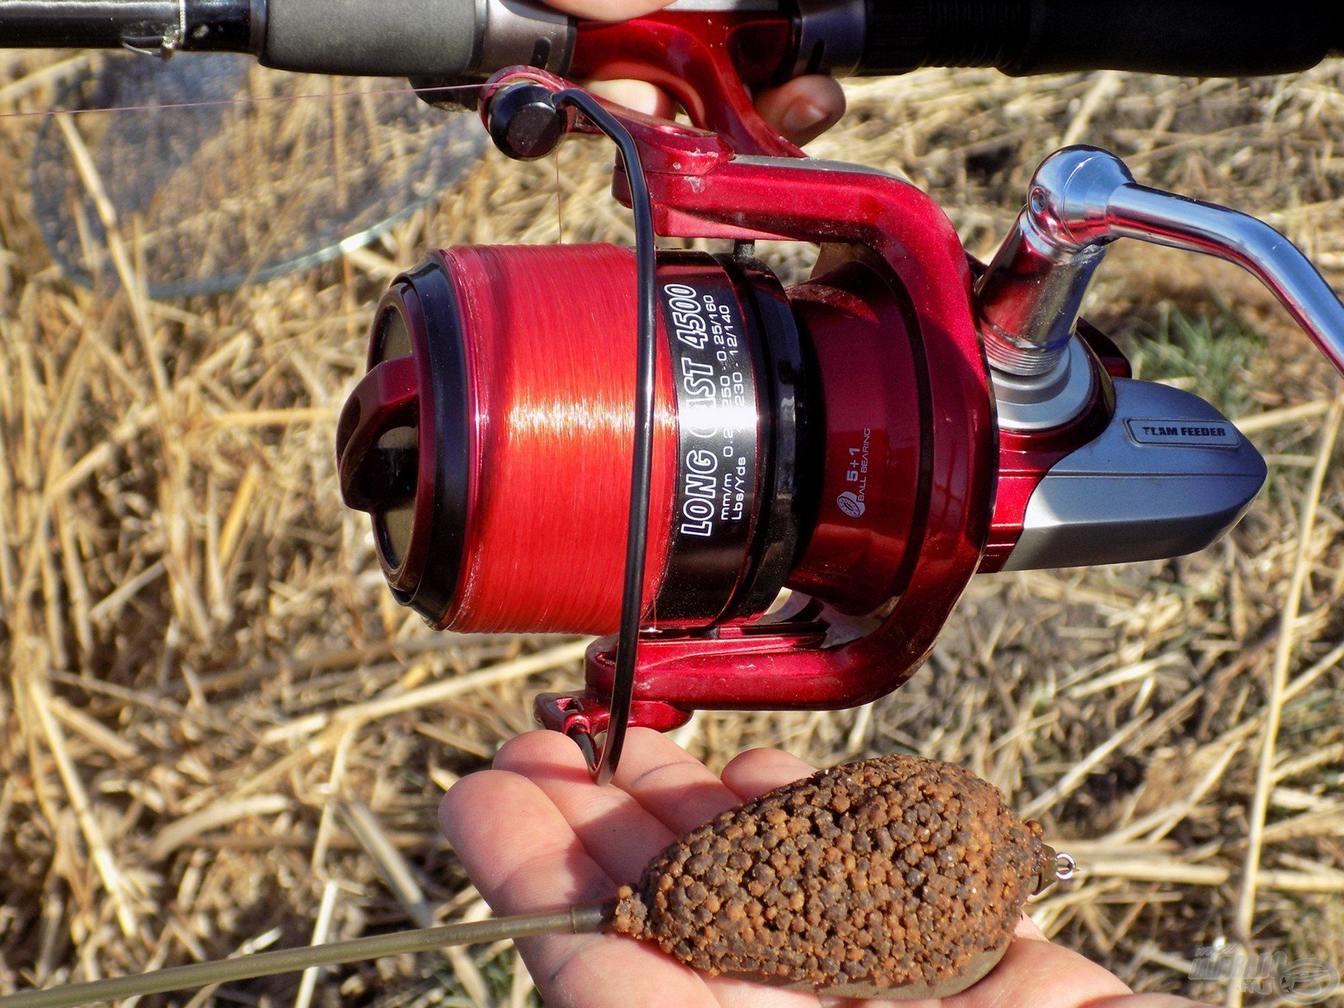 Jarné feeder tipy na lov kaprov